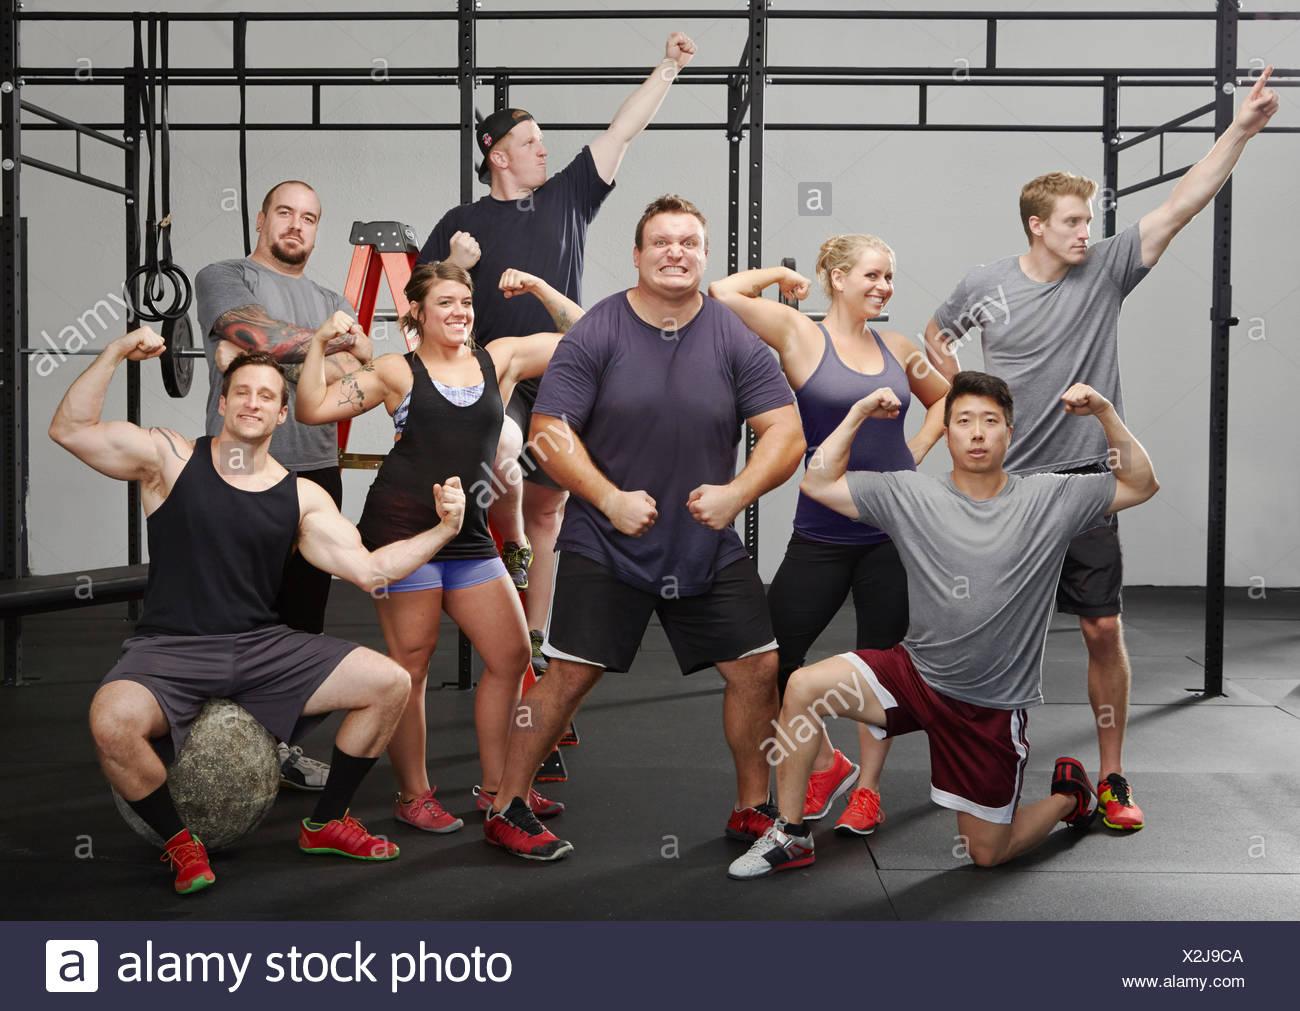 Ritratto di otto persone flettendo i muscoli in palestra Immagini Stock